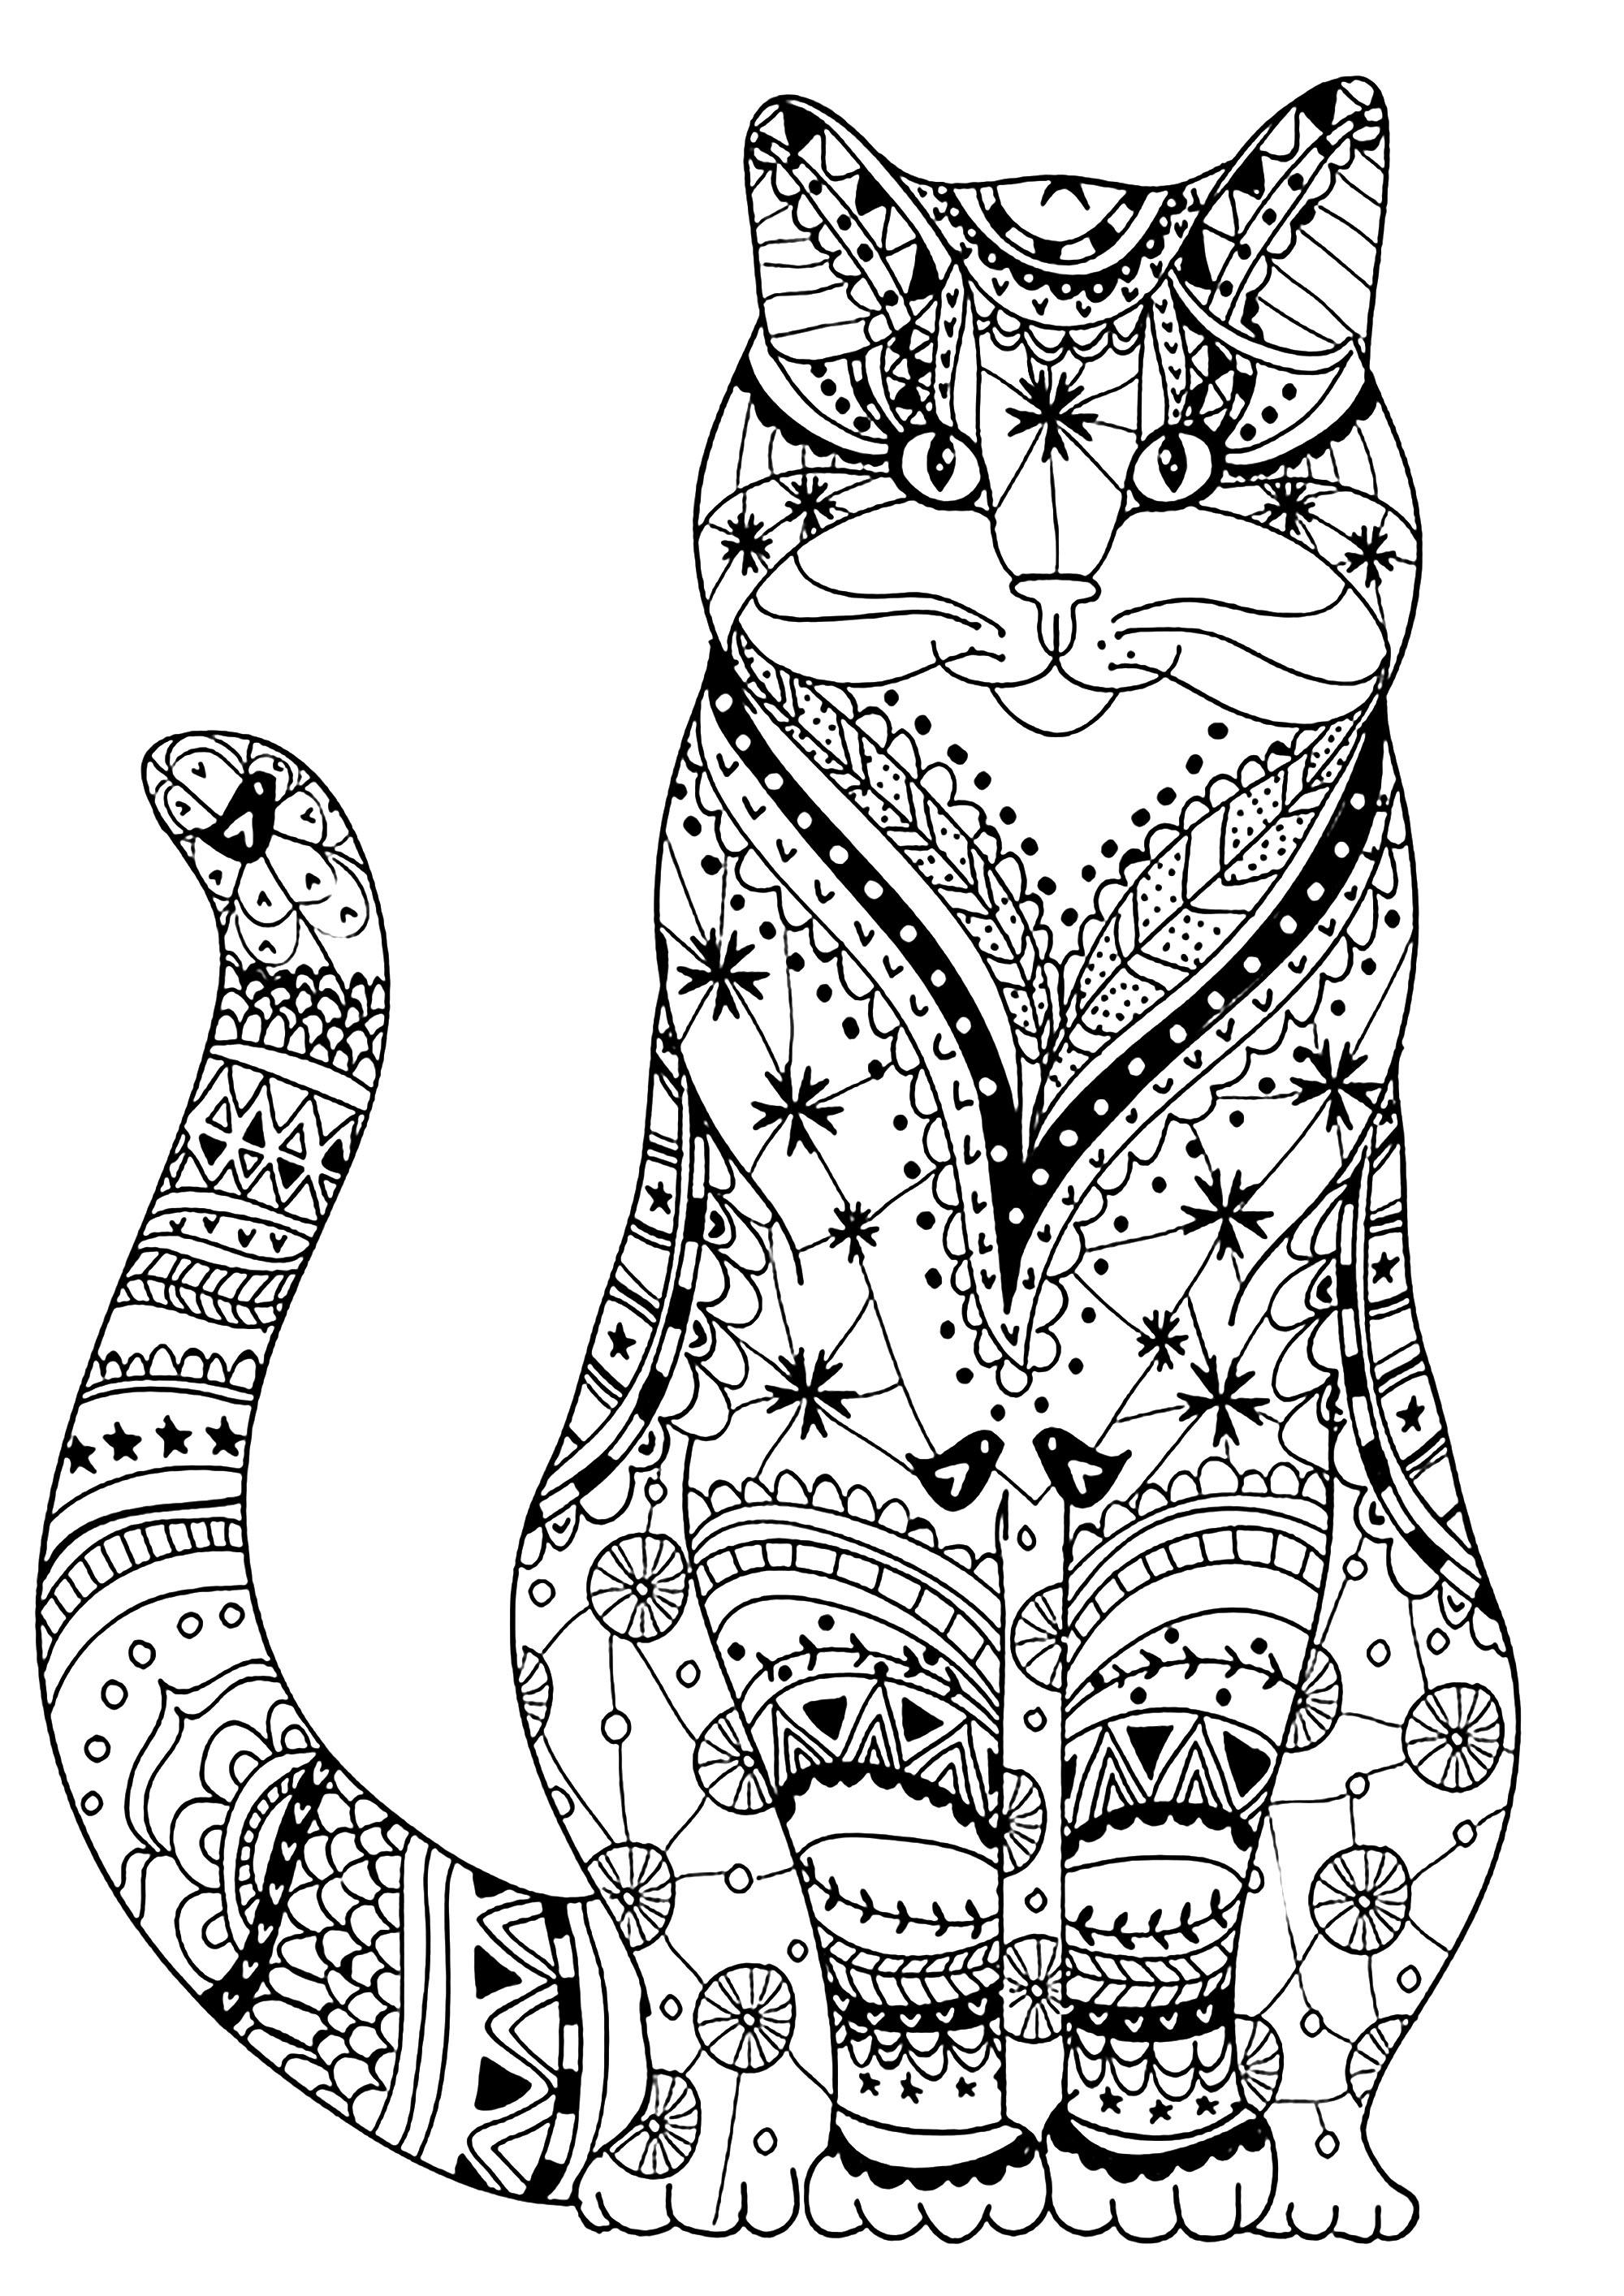 Superbe chat dessiné avec des motifs Zentangle